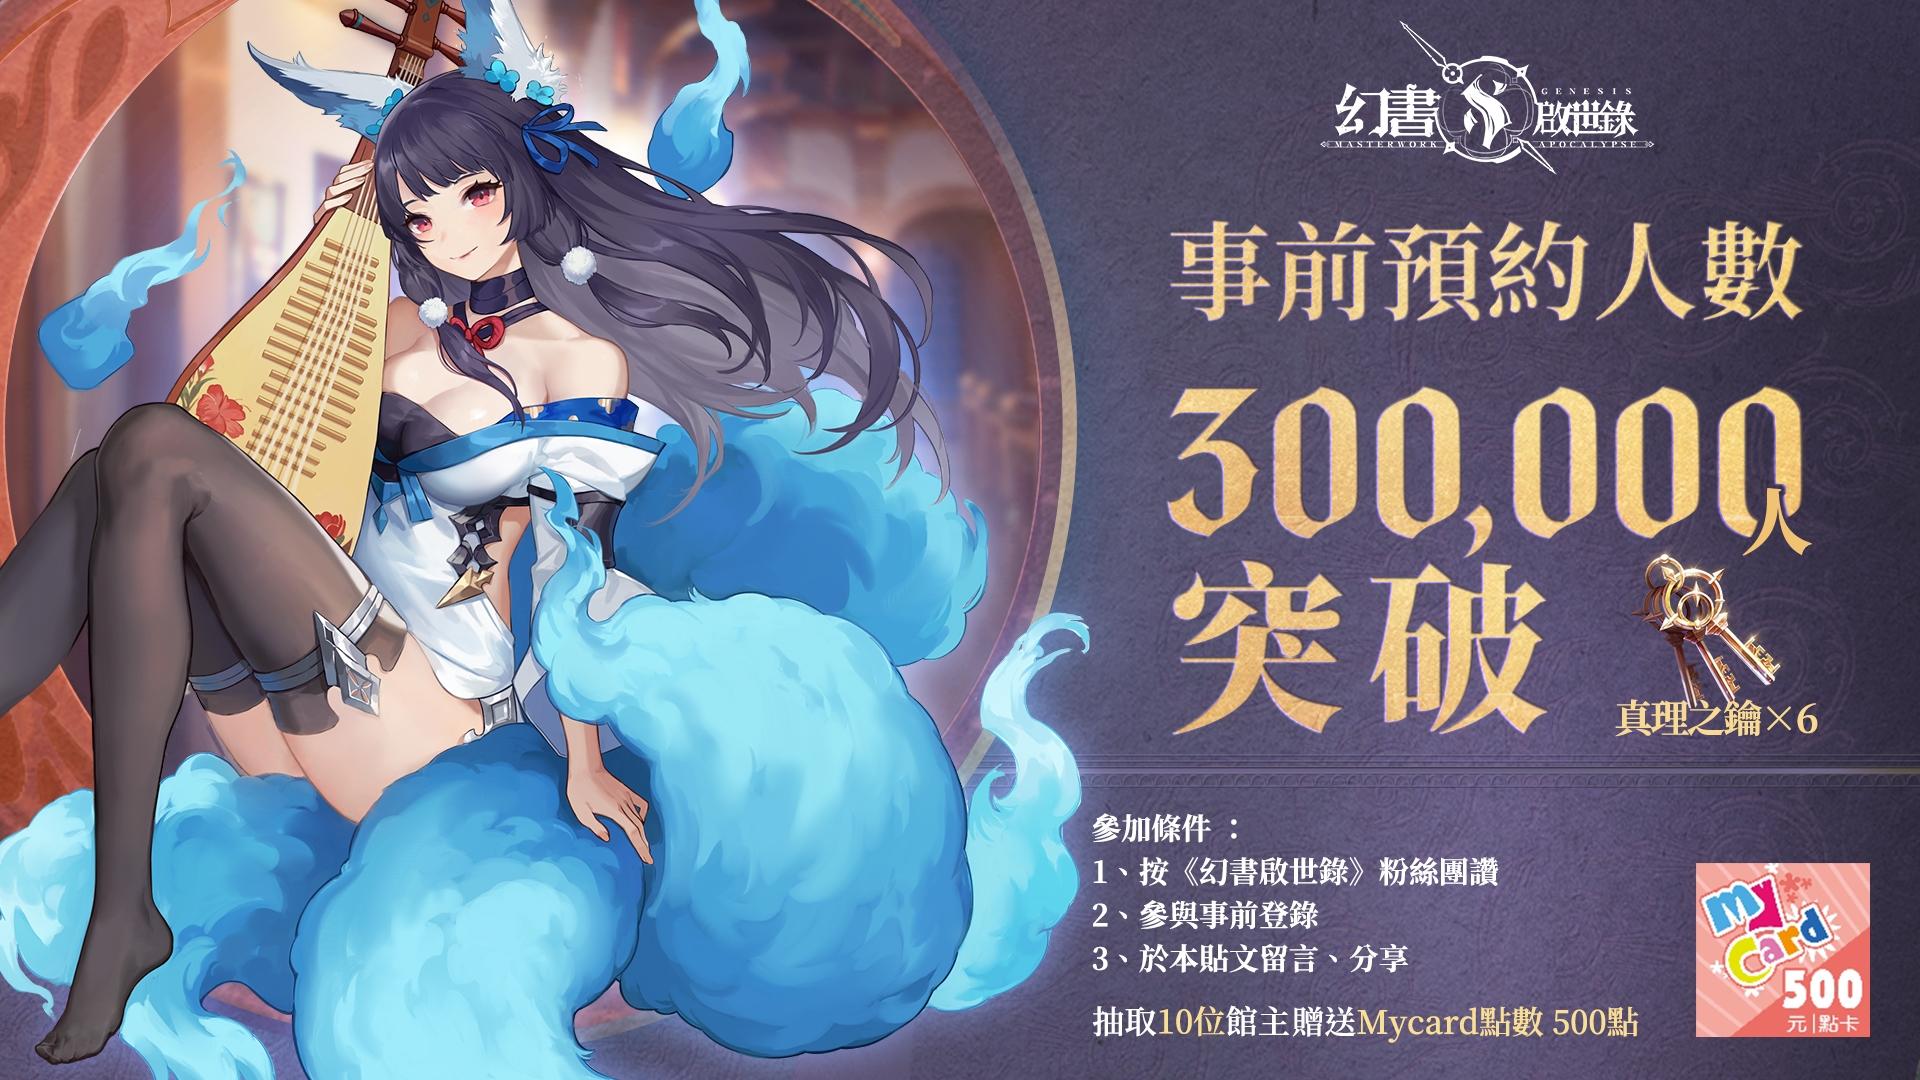 《幻書啟世錄》事前登錄30萬人達成,開服即可獲得十連抽獎勵!